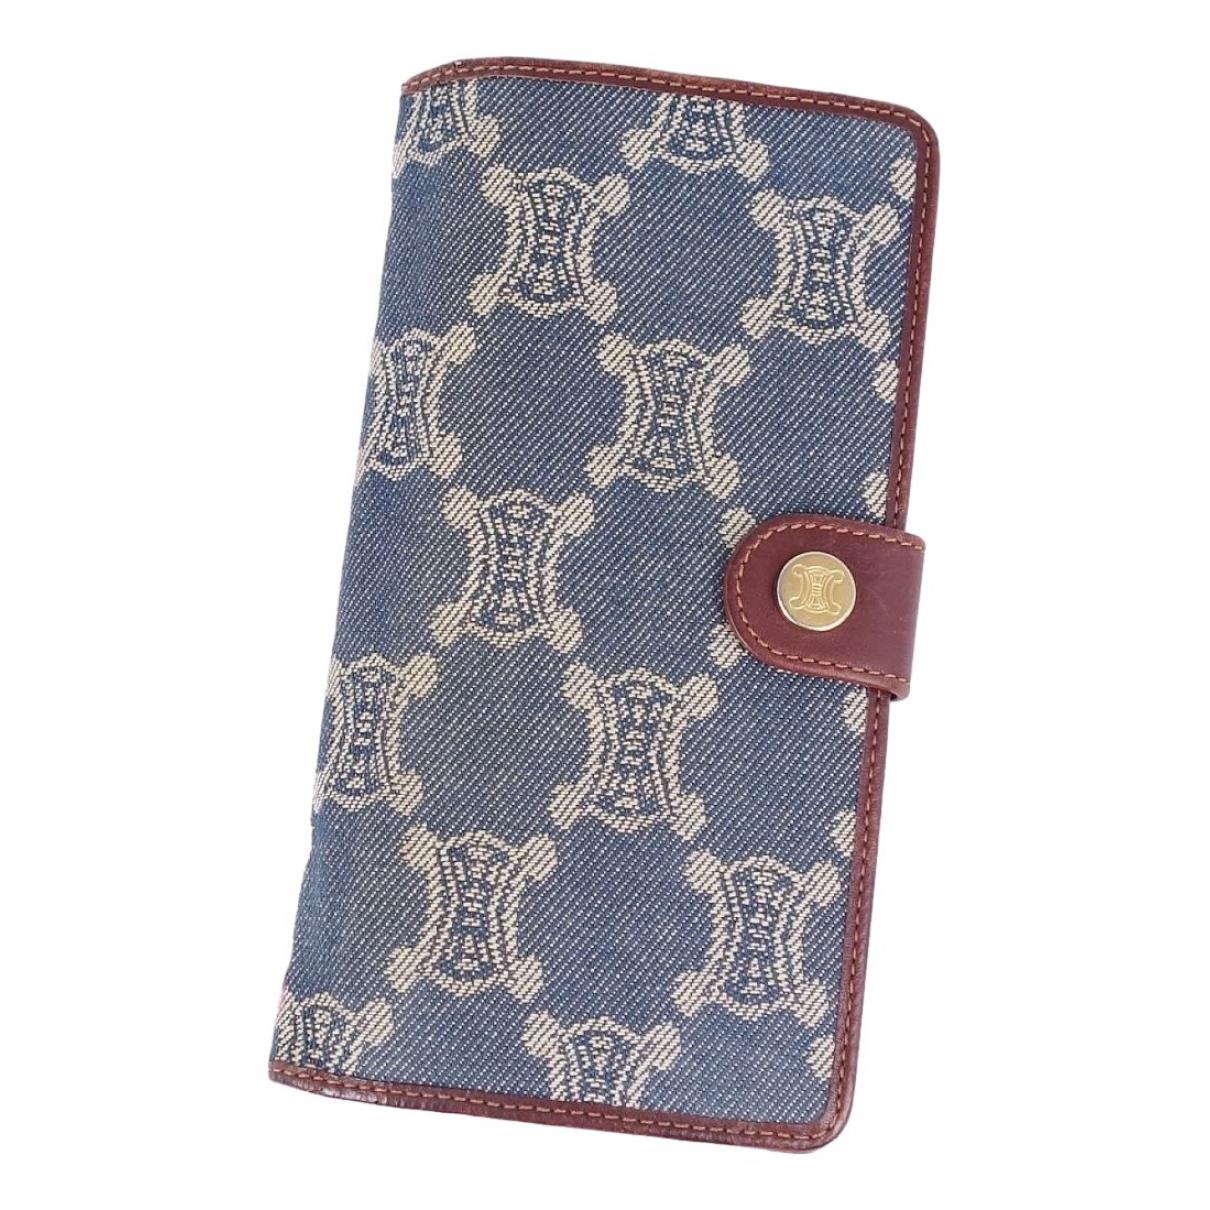 Celine \N Blue Denim - Jeans wallet for Women \N